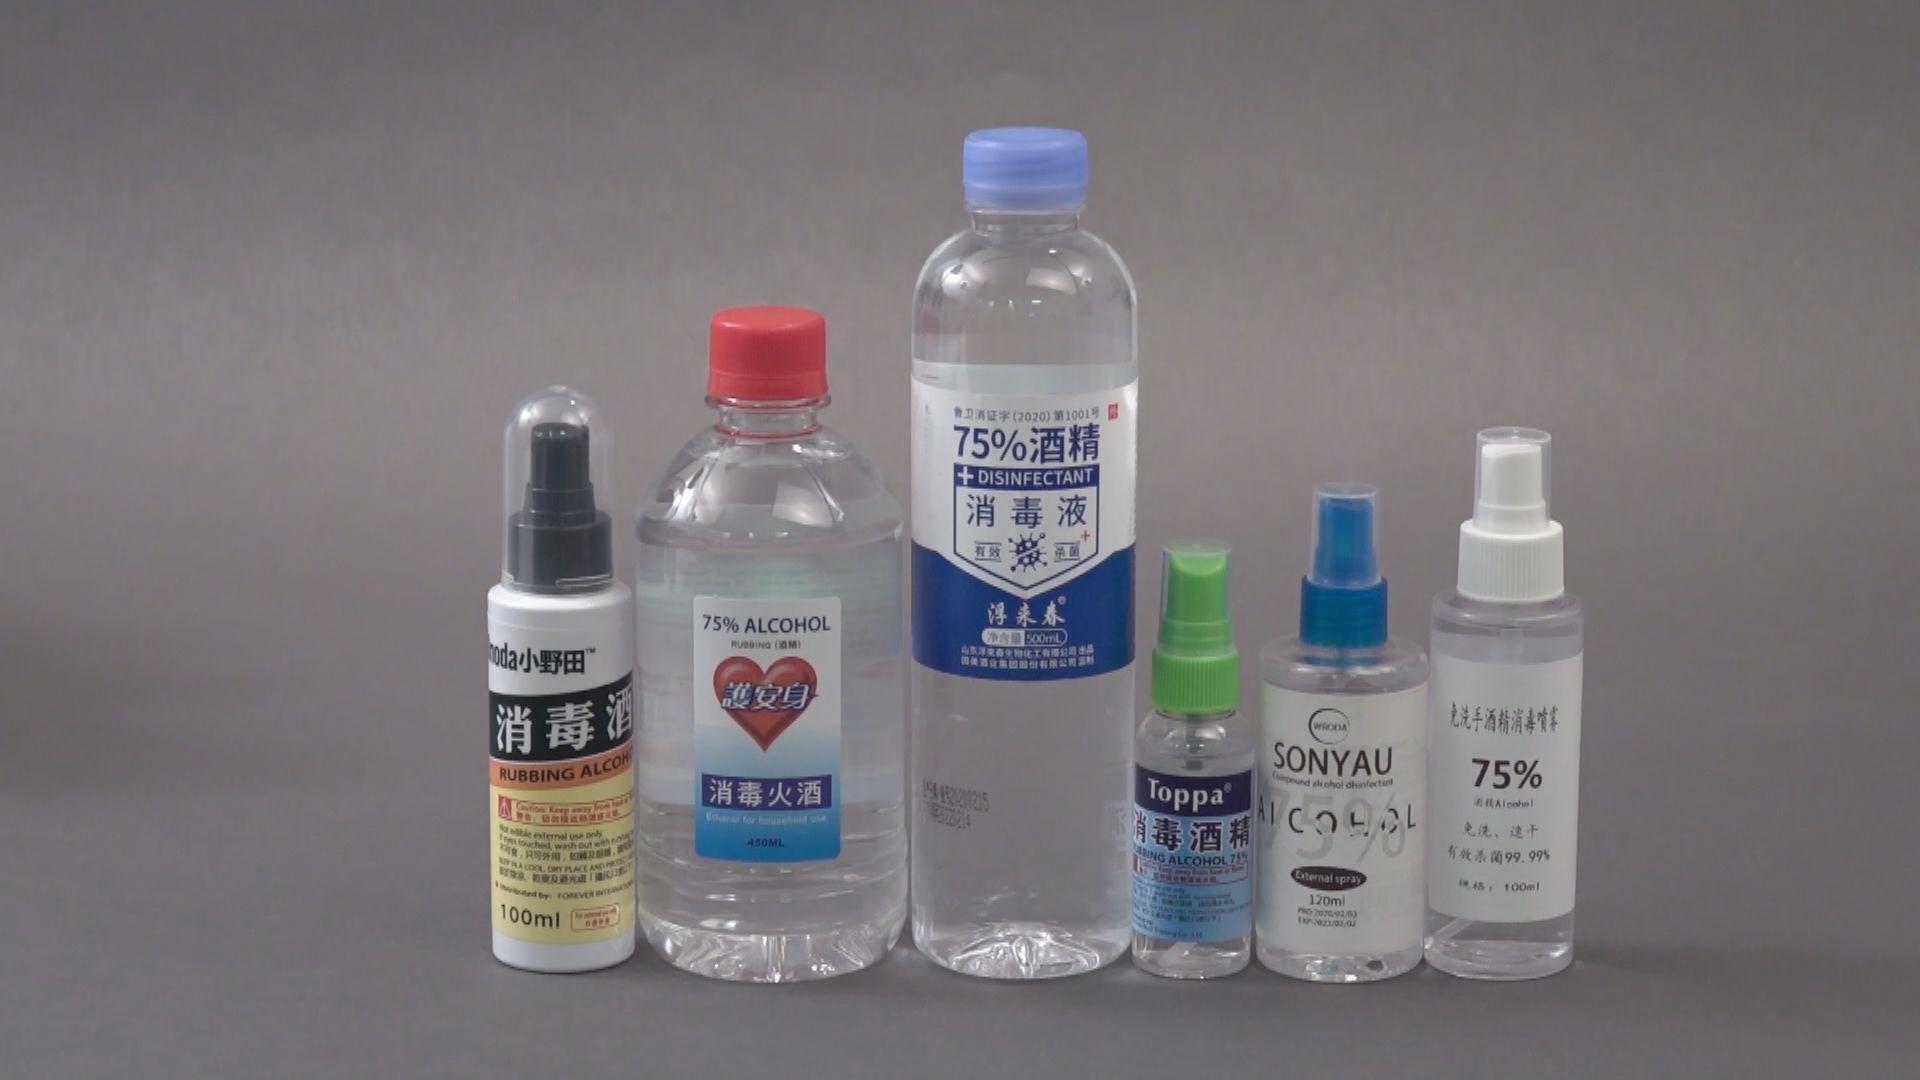 【消委會最新報告一覽】疫情下的米價、消毒酒精測試、購買口罩投訴......